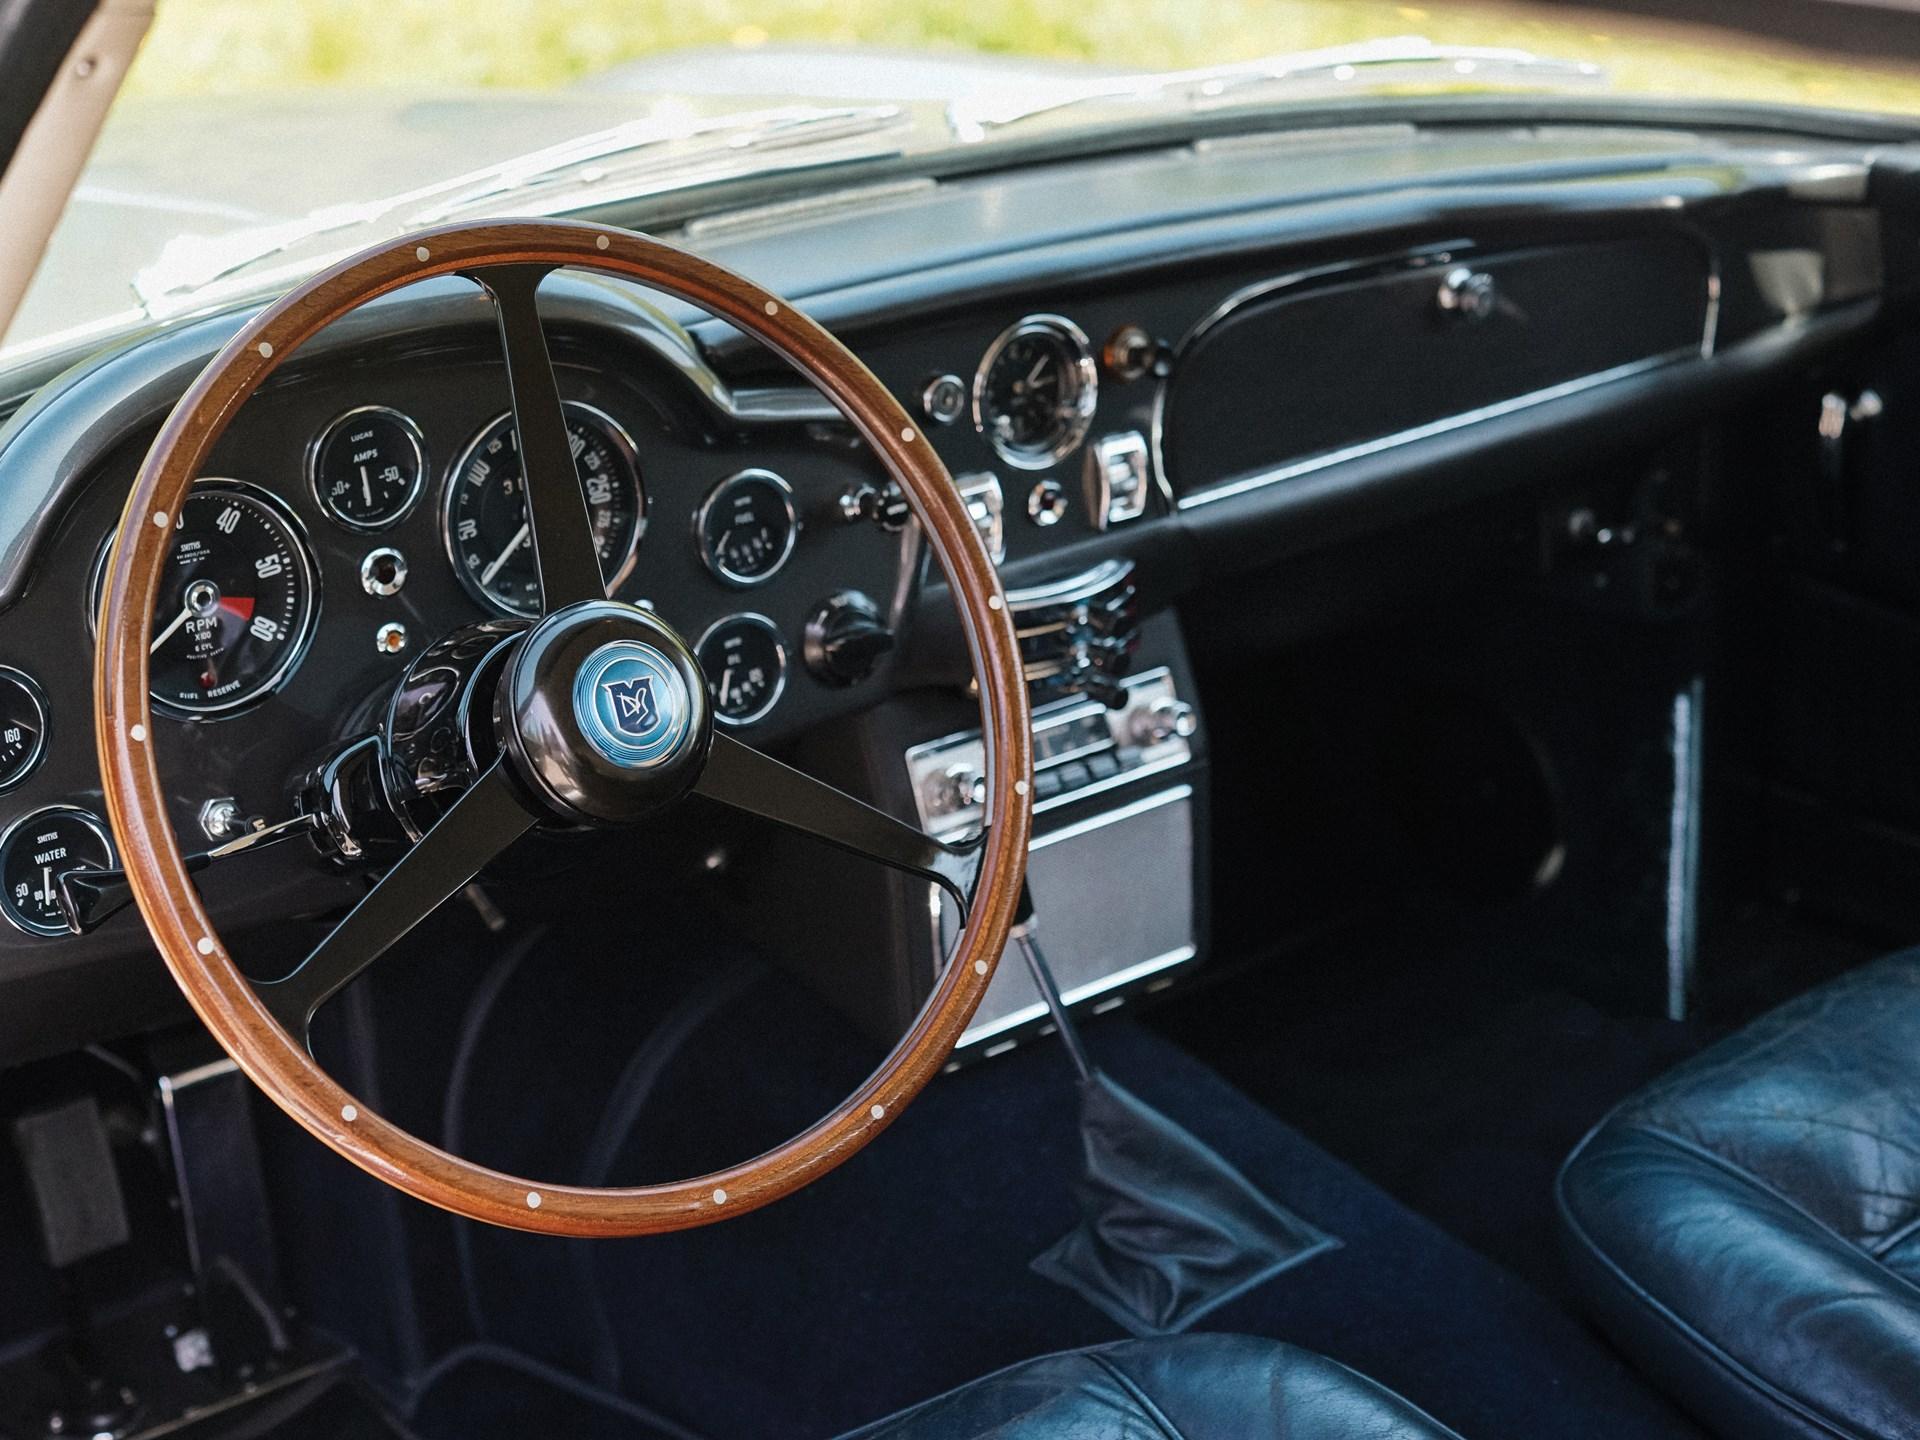 For Sale Rare 1965 Aston Martin Db5 Shooting Brake Performancedrive